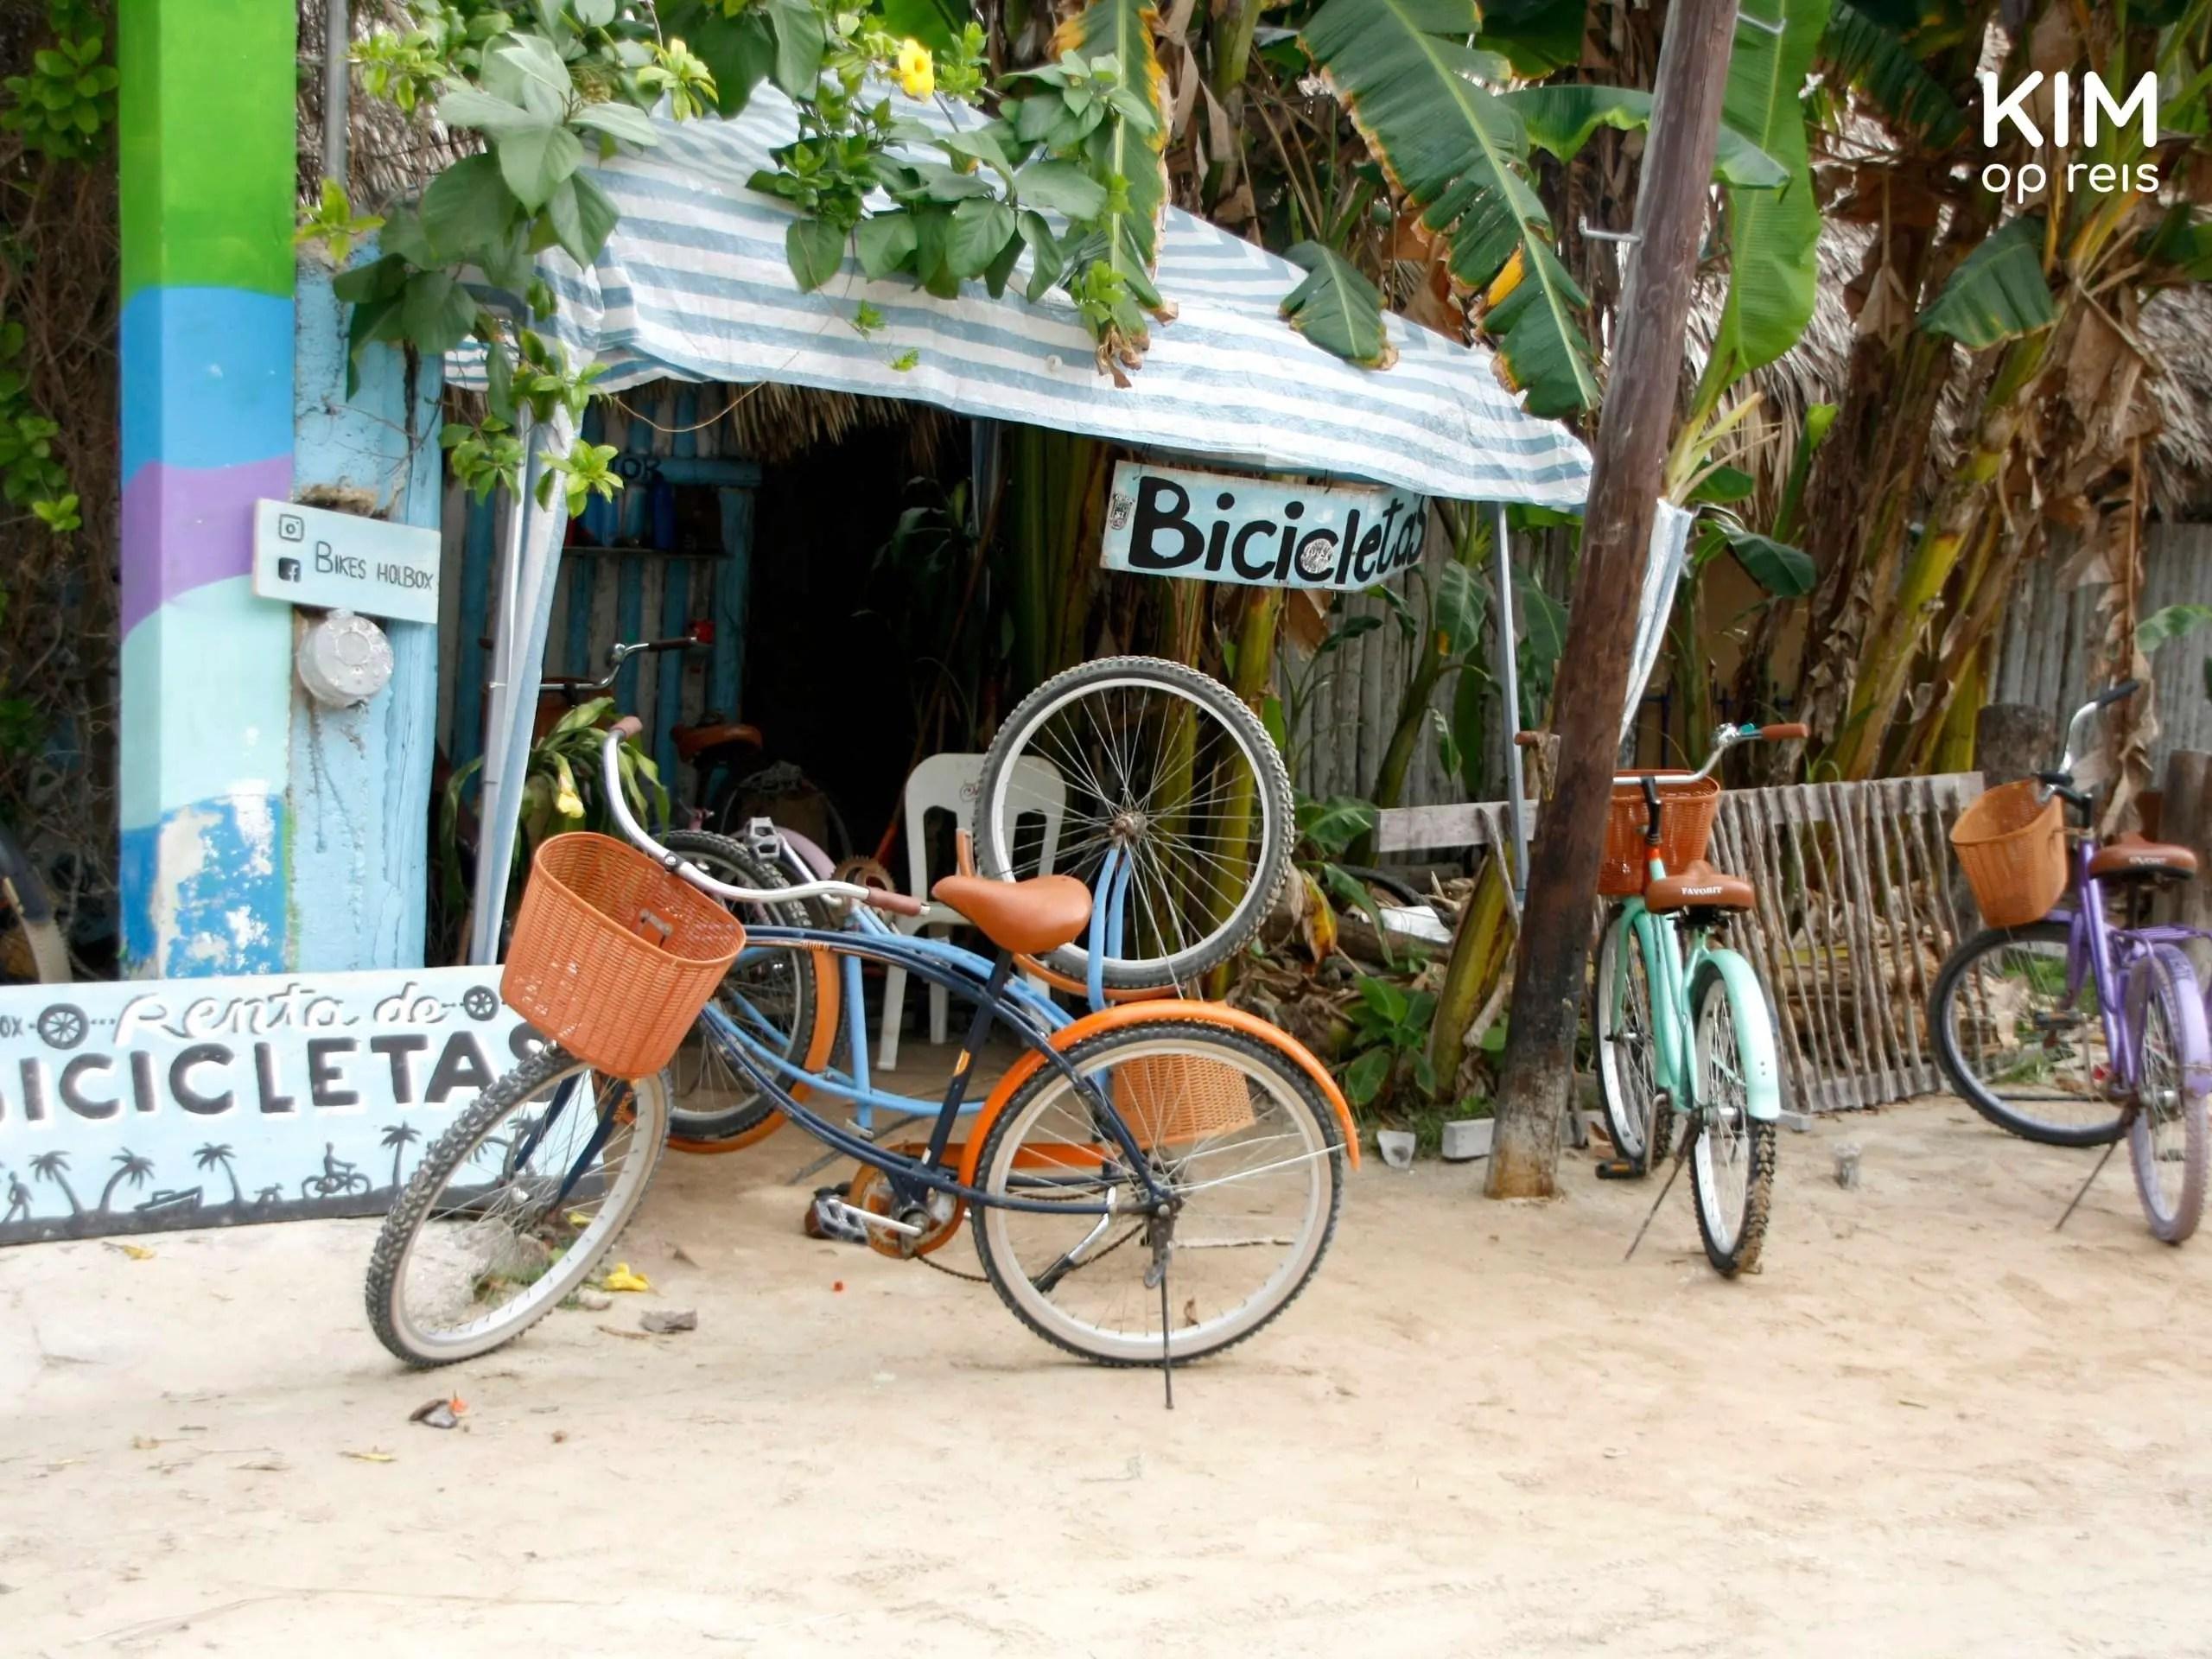 Isla Holbox fiets huren: aantal fietsen staan voor een gebouwtje